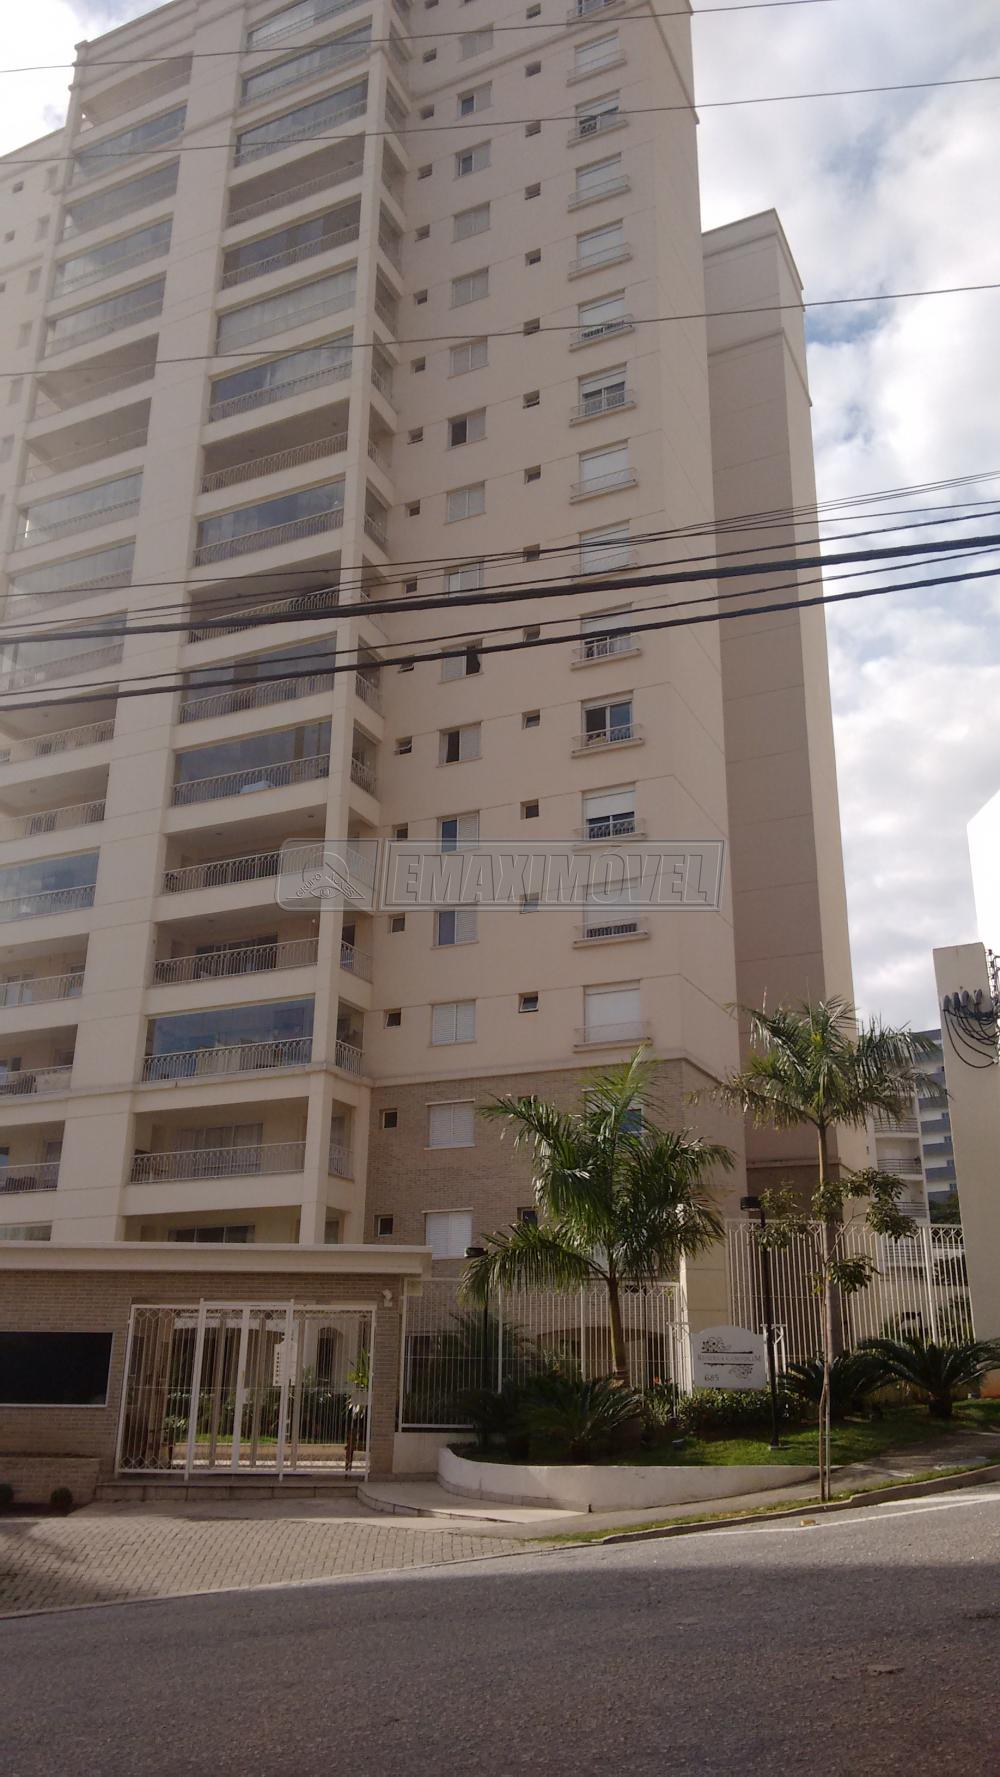 Comprar Apartamentos / Apto Padrão em Sorocaba apenas R$ 1.400.000,00 - Foto 1